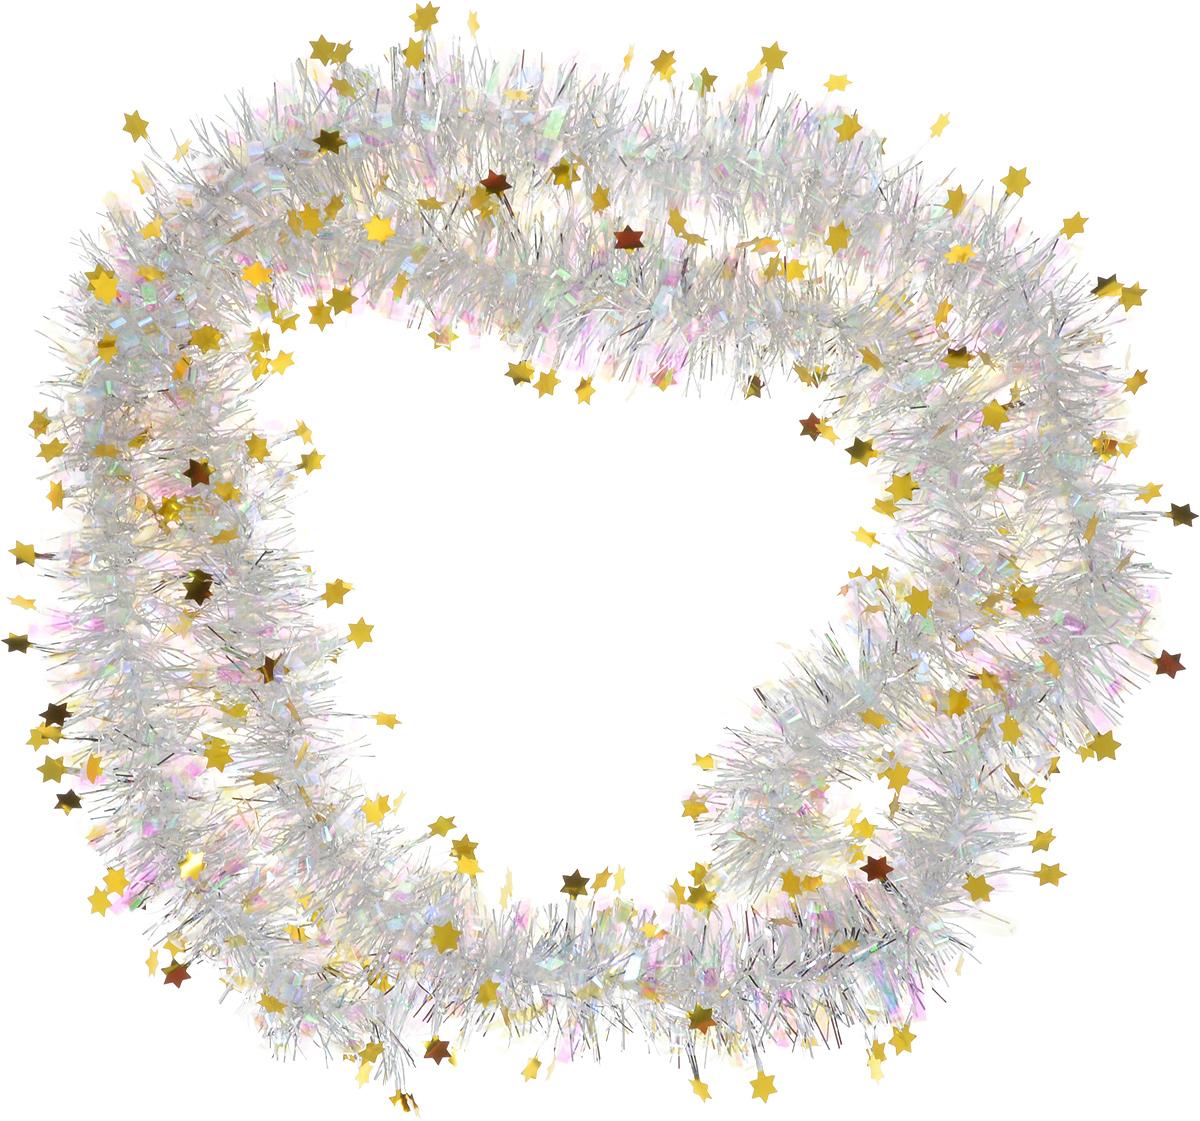 Мишура новогодняя Sima-land, цвет: серебристый, золотой, диаметр 5 см, длина 2 м. 702615 мишура новогодняя sima land цвет серебристый желтый диаметр 4 см длина 200 см 702624